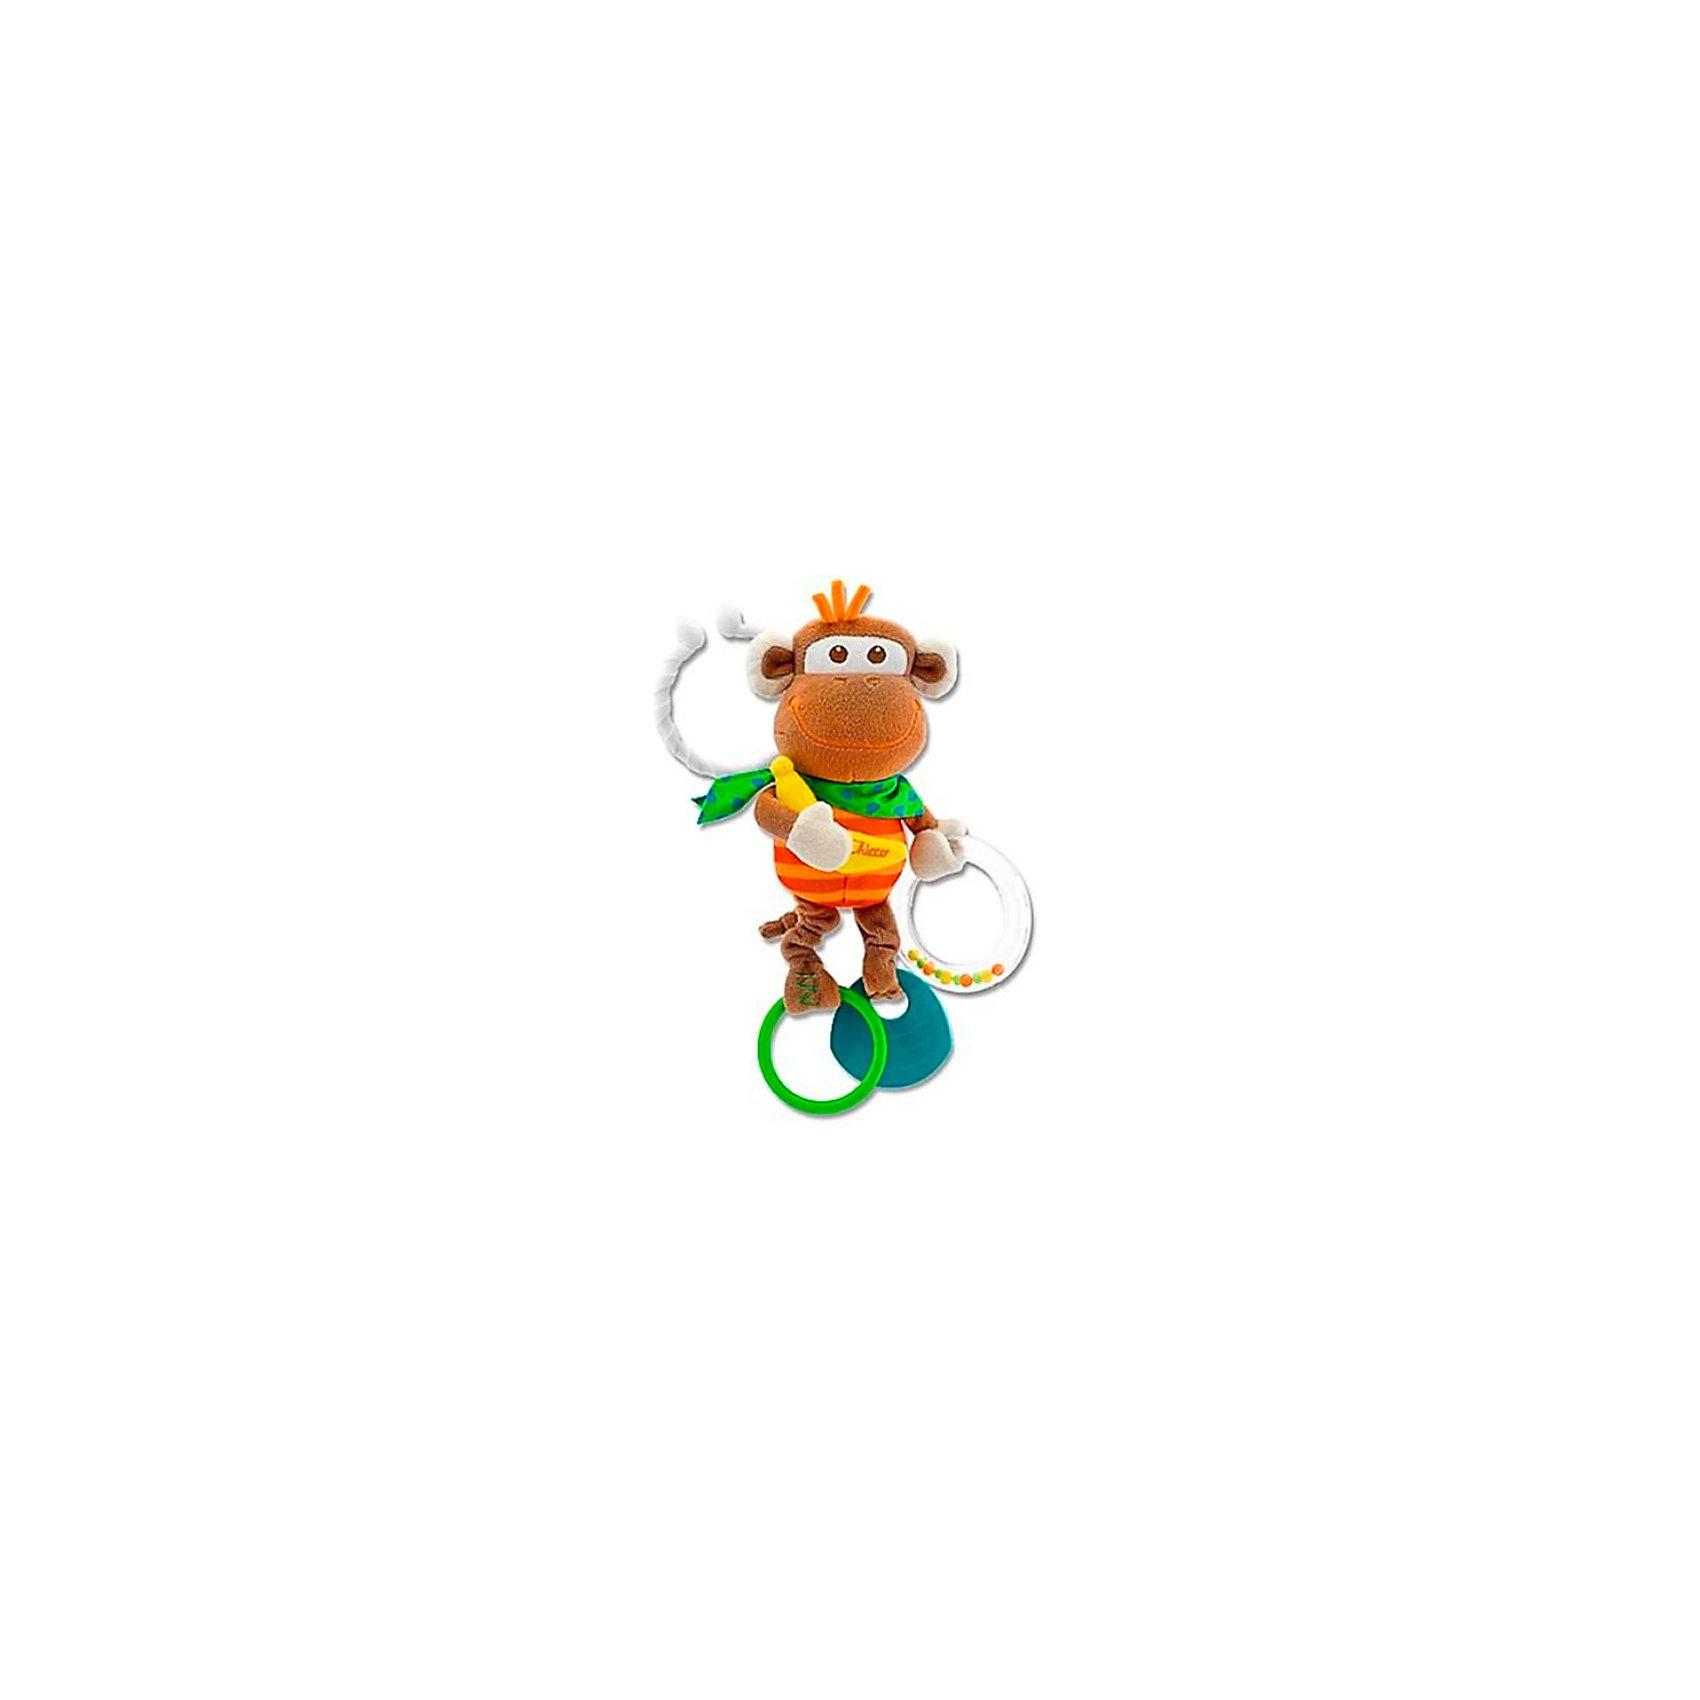 Развивающая игрушка «Обезьянка», ChiccoПогремушки<br>Развивающая игрушка «Обезьянка» Chicco (Чико) - смешная маленькая обезьянка с удобной системой крепления!<br><br>Очаровательная маленькая обезьянка, которую ребенок может взять с собой, благодаря удобному держателю. Она побуждает ребенка играть в различные игры: лапки обезьянки вибрируют, цветные шарики перекатываются в прозрачном колечке, банан шуршит, а мягкий пластик облегчает прорезывание зубов у детей. <br><br>Развивающую игрушку «Обезьянка» Chicco можно купить в нашем интернет-магазине.<br><br>Ширина мм: 375<br>Глубина мм: 240<br>Высота мм: 300<br>Вес г: 223<br>Возраст от месяцев: 3<br>Возраст до месяцев: 9<br>Пол: Унисекс<br>Возраст: Детский<br>SKU: 2395269